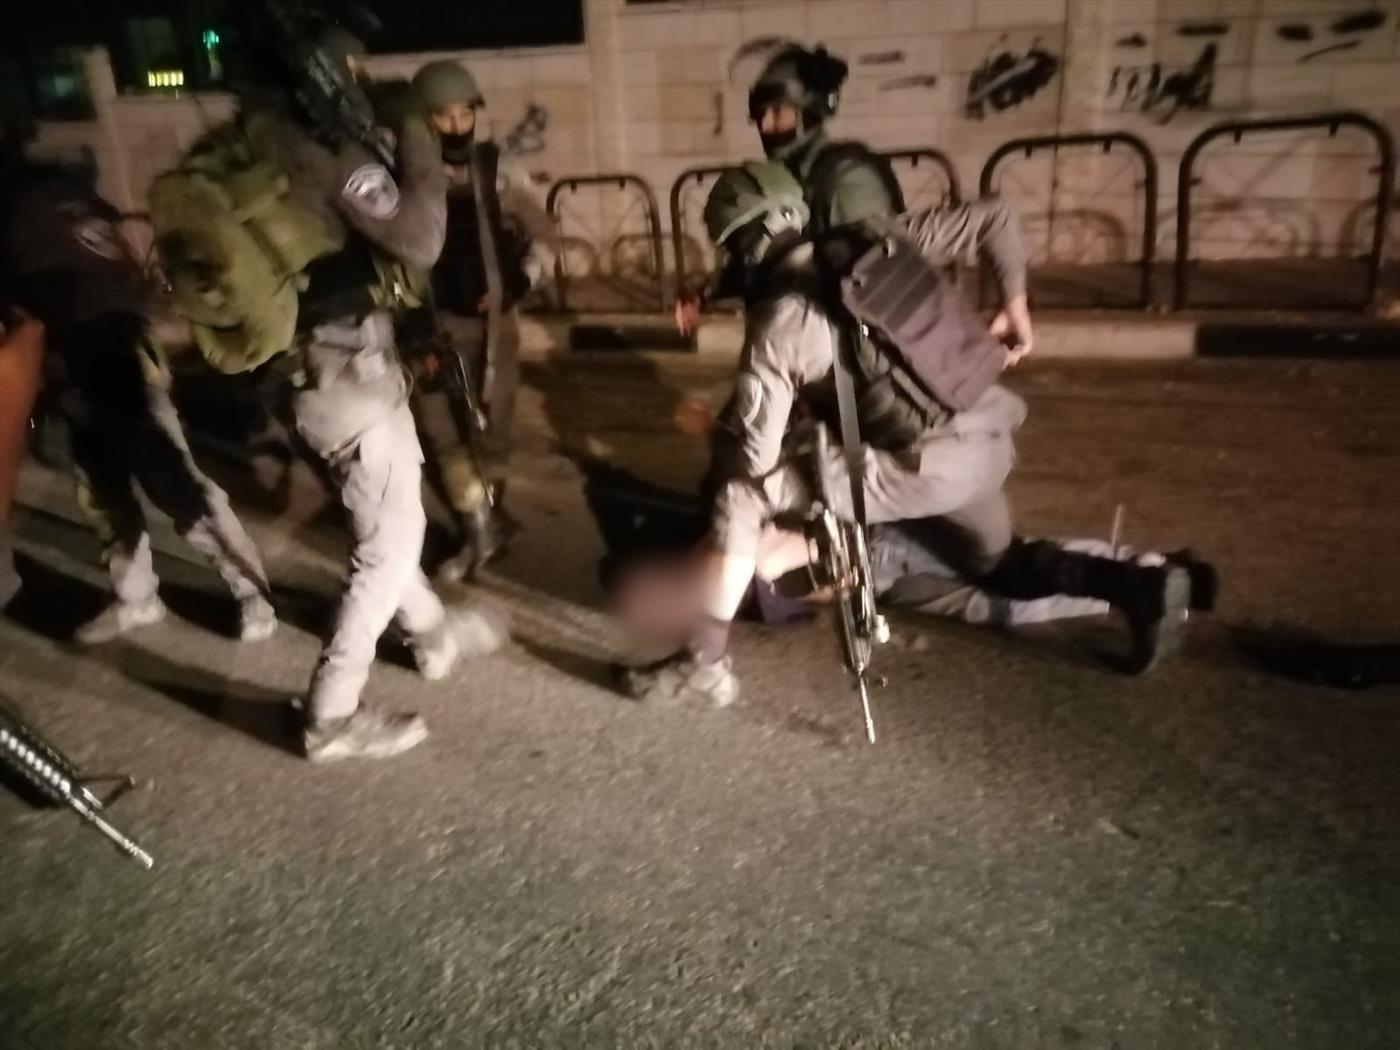 מעצרו של החשוד בגניבת הרכב ופציעת השוטרים (דוברות המשטרה)